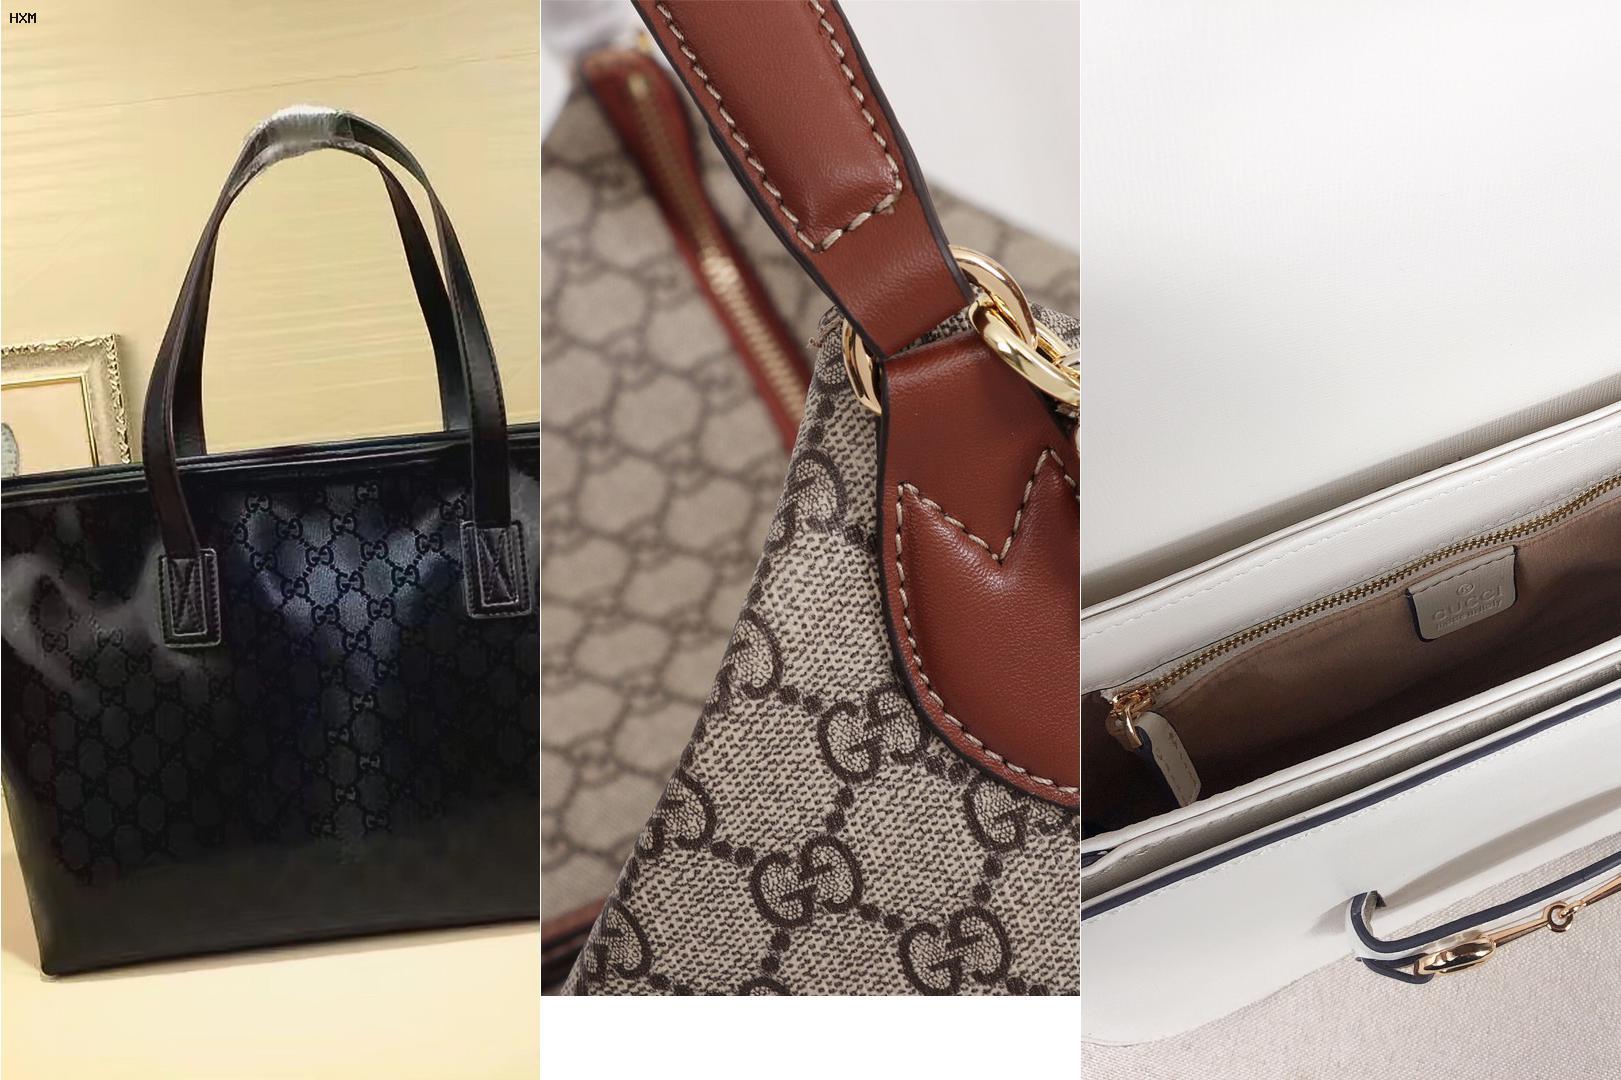 borsa e portafoglio gucci